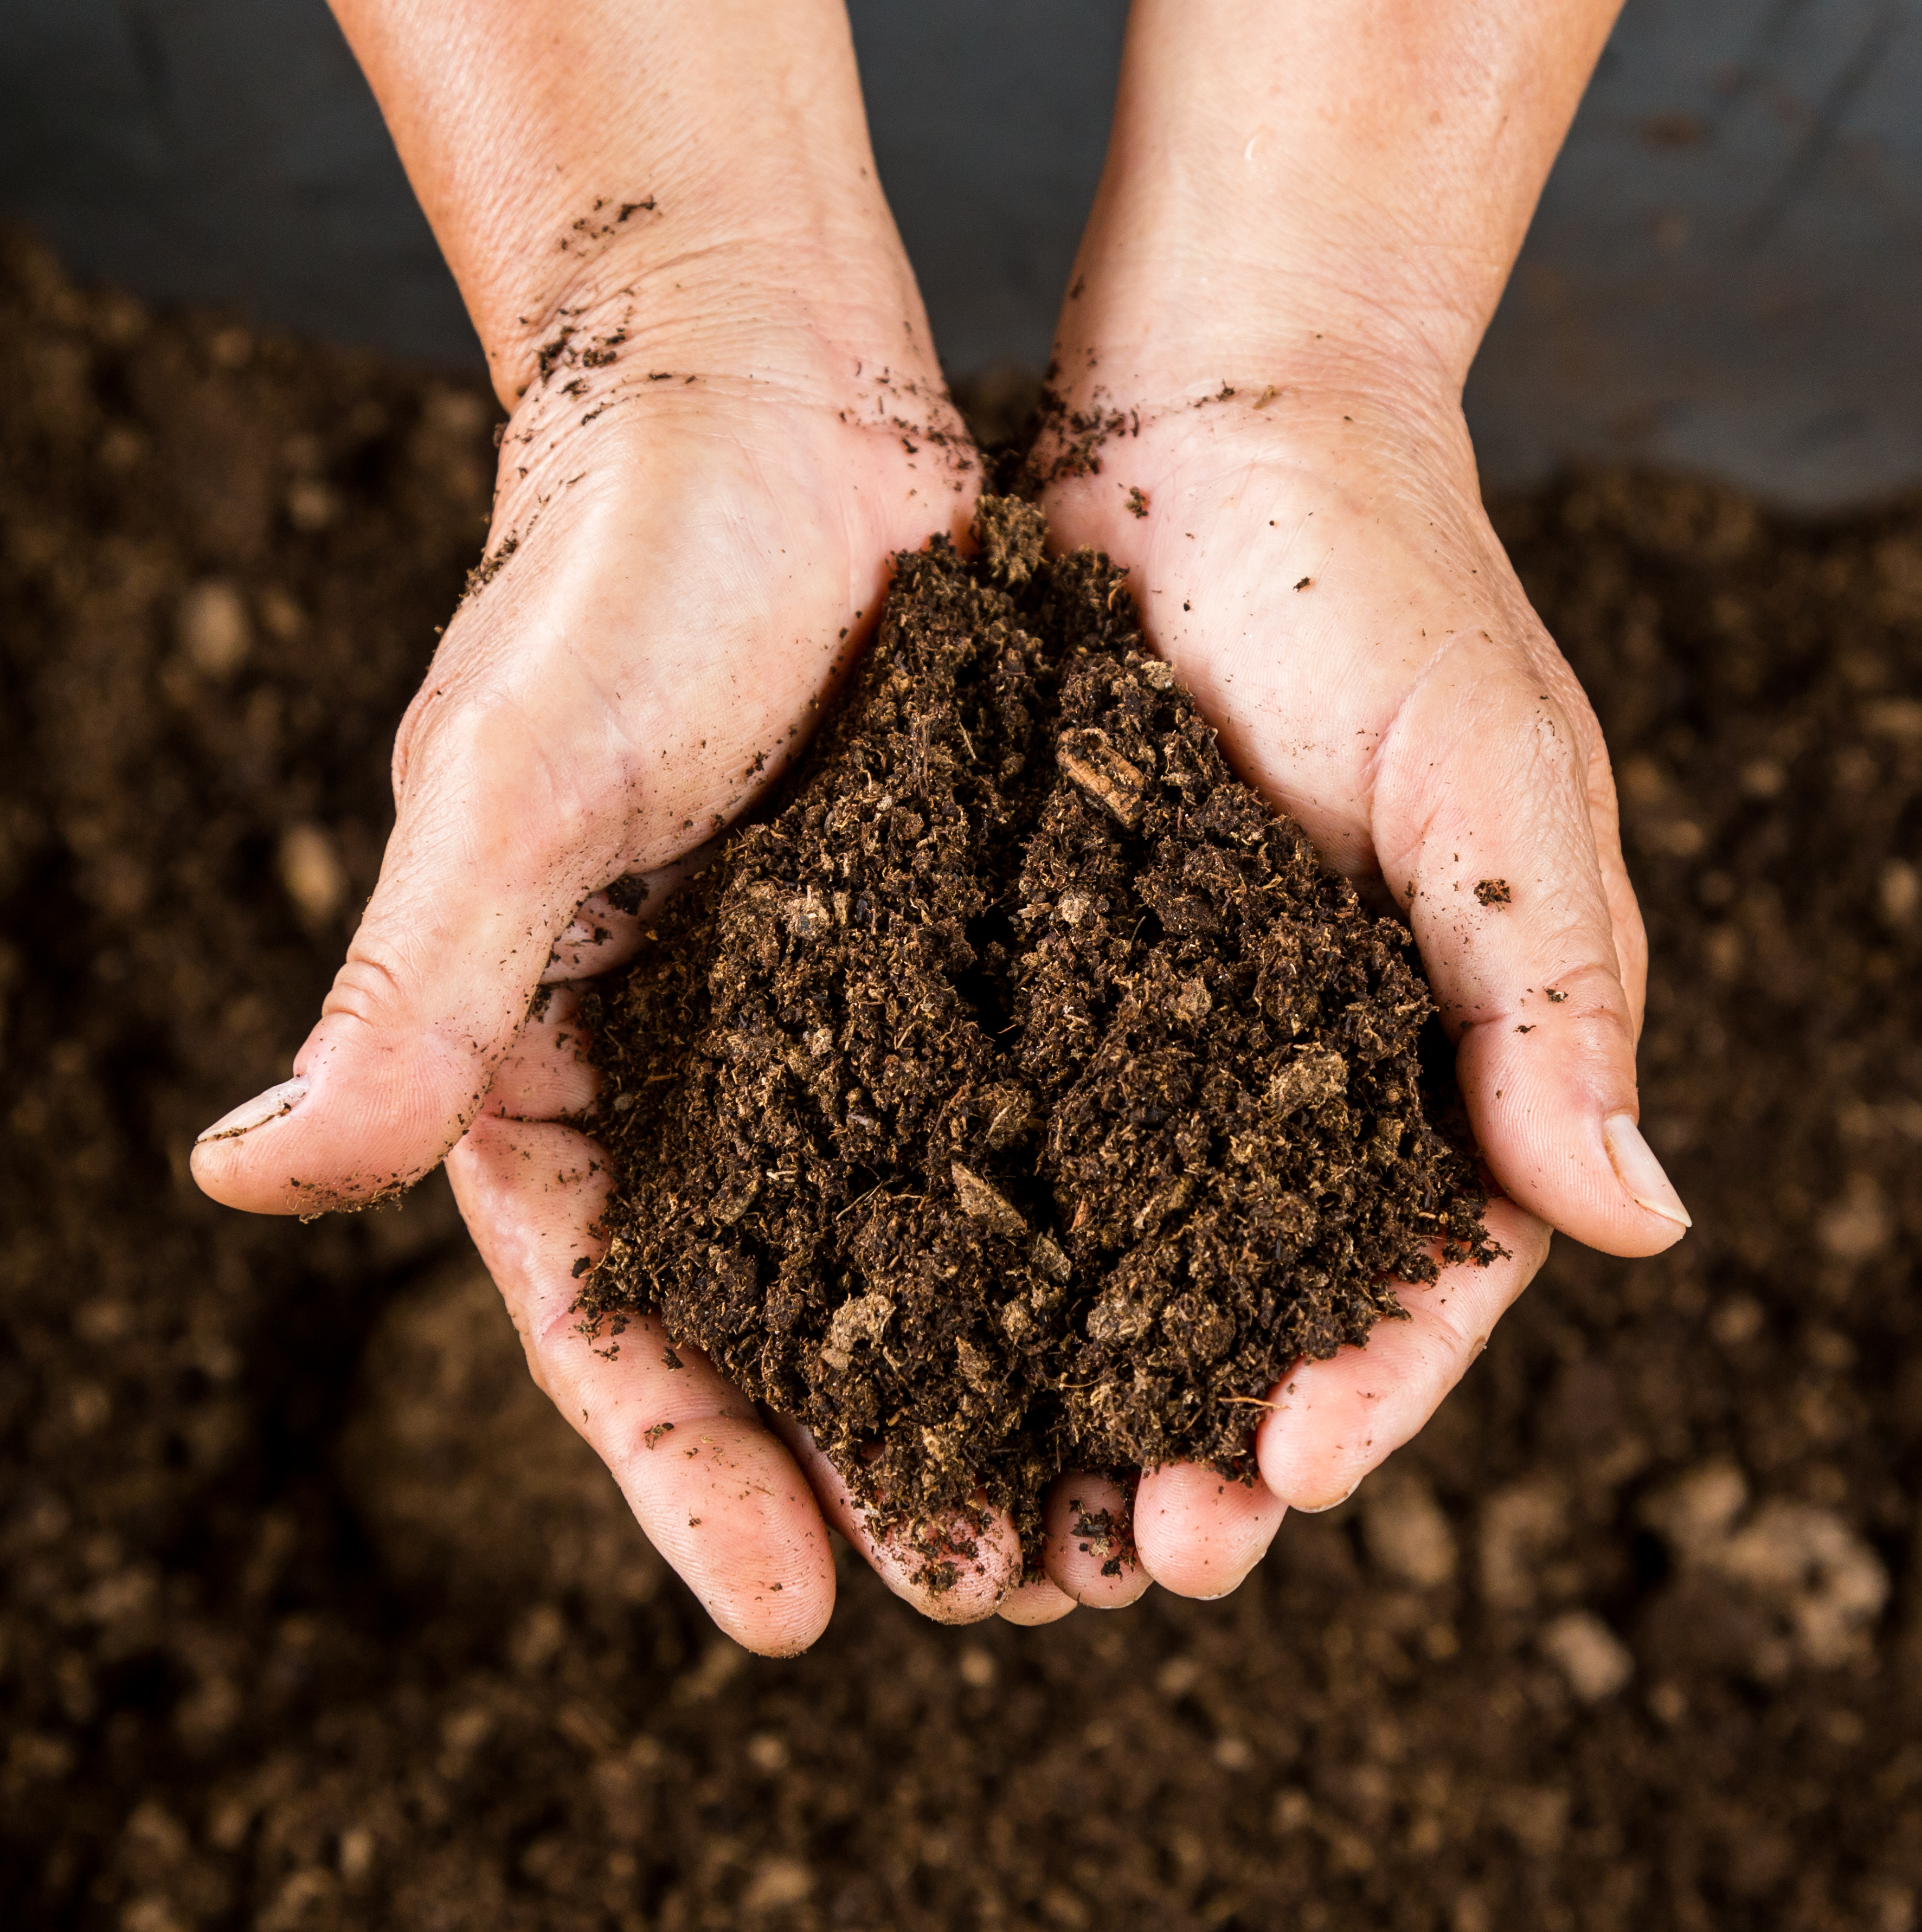 Compost met hand1